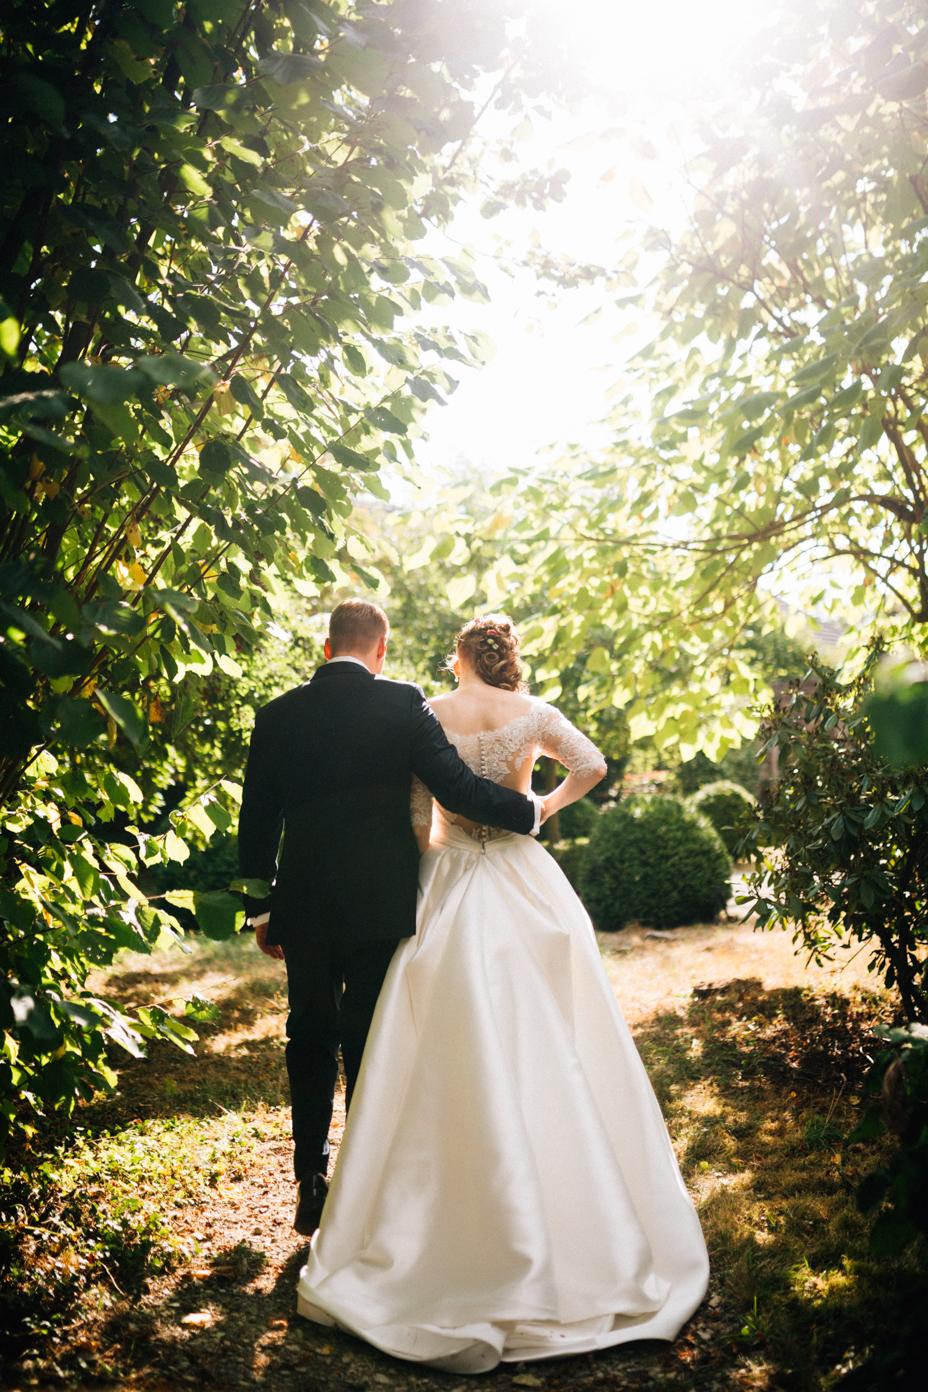 Hochzeitsfotograf Hochzeit Fotograf Hann. Münden Kassel Letzter Heller Inka Englisch 2018 Reportage Feier Portraits